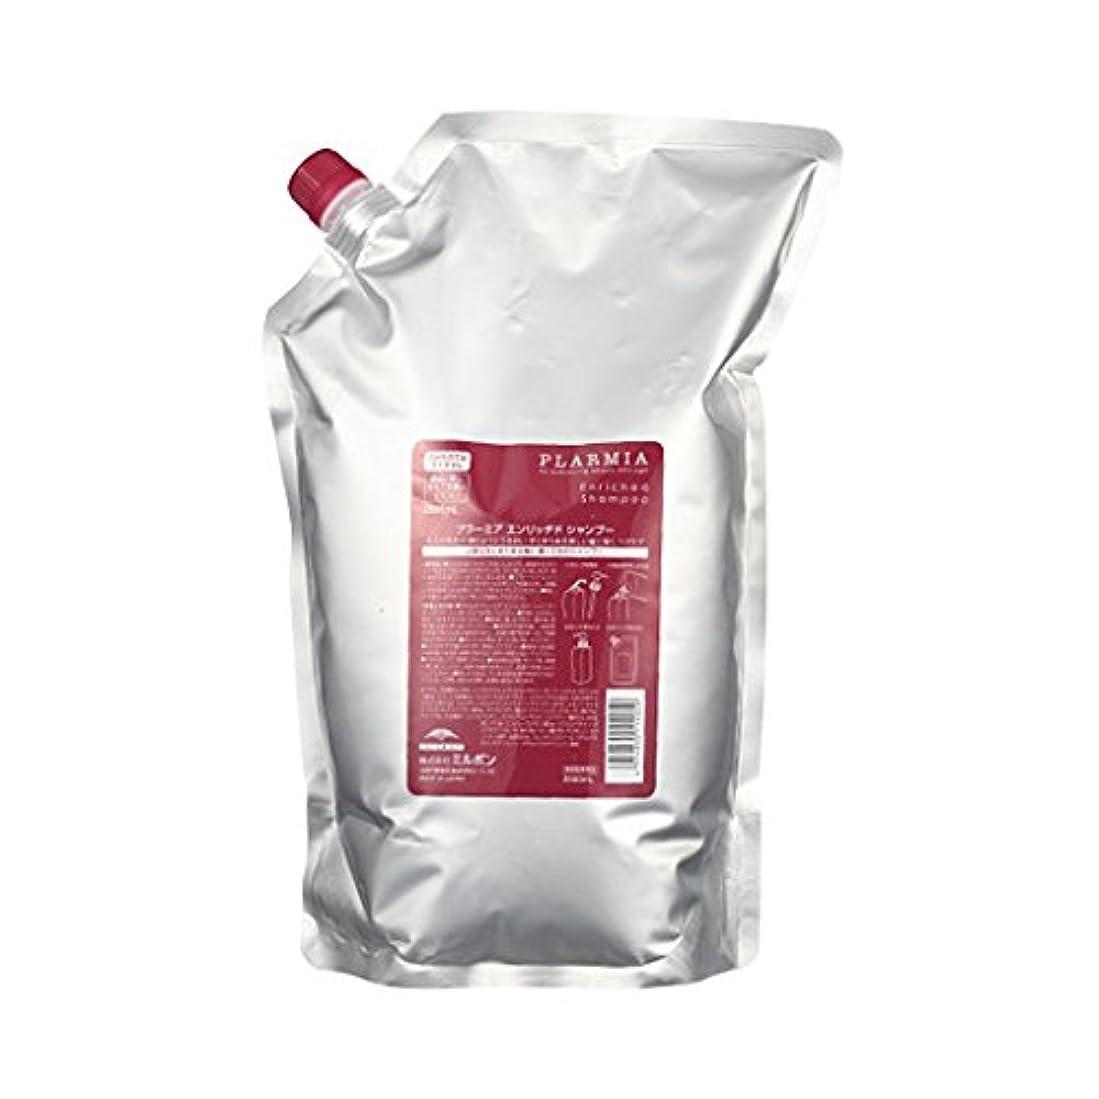 アリ養う追加するミルボン プラーミア エンリッチド シャンプー (2500mlパック) 詰替用